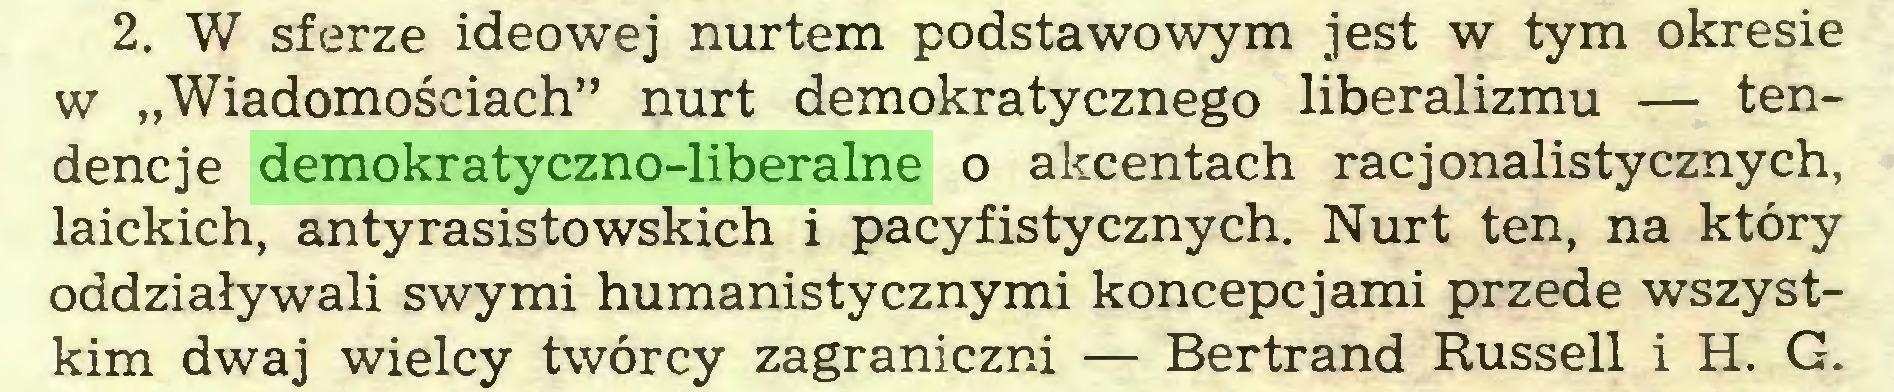 """(...) 2. W sferze ideowej nurtem podstawowym jest w tym okresie w """"Wiadomościach"""" nurt demokratycznego liberalizmu — tendencje demokratyczno-liberalne o akcentach racjonalistycznych, laickich, antyrasistowskich i pacyfistycznych. Nurt ten, na który oddziaływali swymi humanistycznymi koncepcjami przede wszystkim dwaj wielcy twórcy zagraniczni — Bertrand Russell i H. G..."""